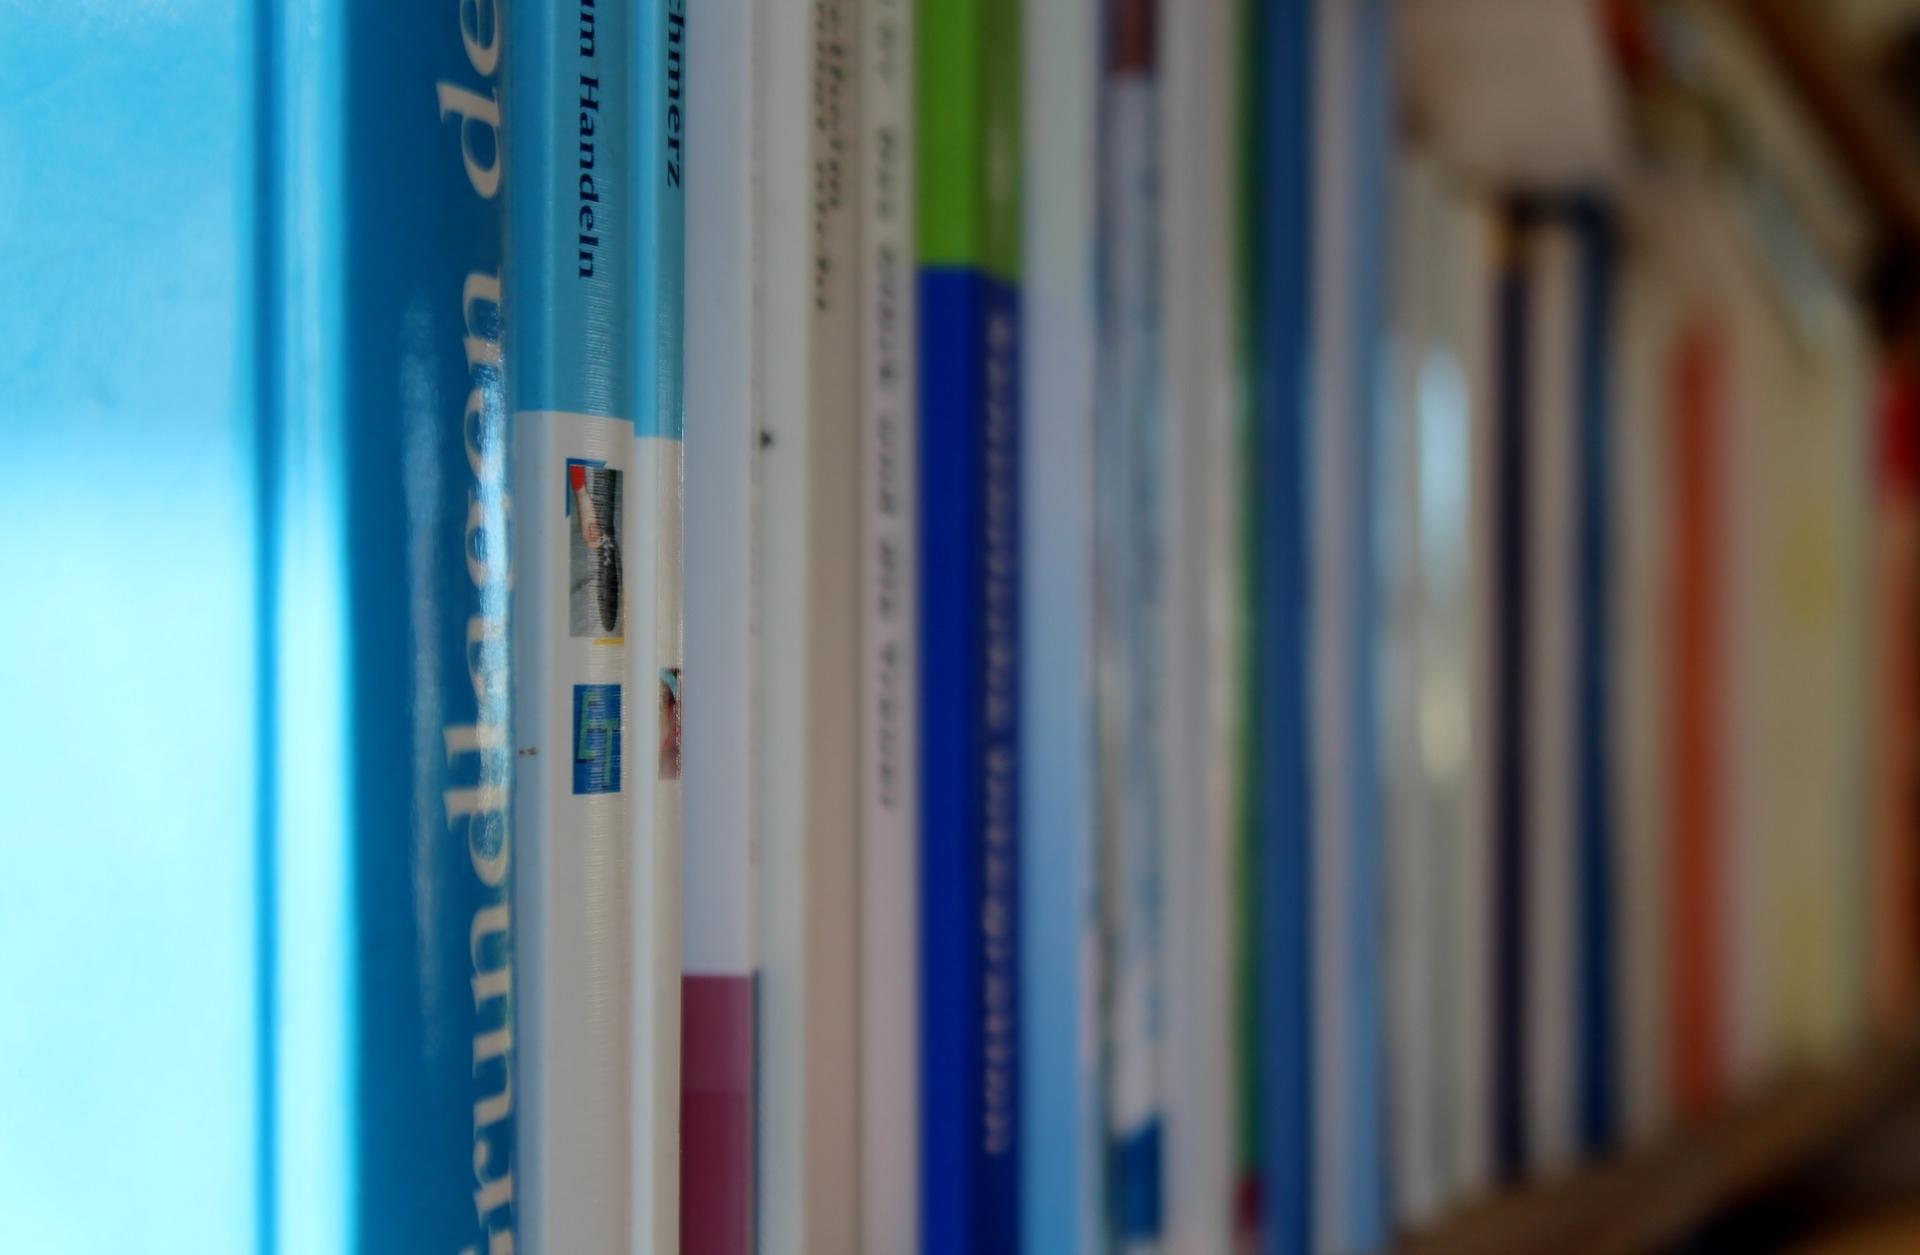 Centro de información y documentación sobre drogas